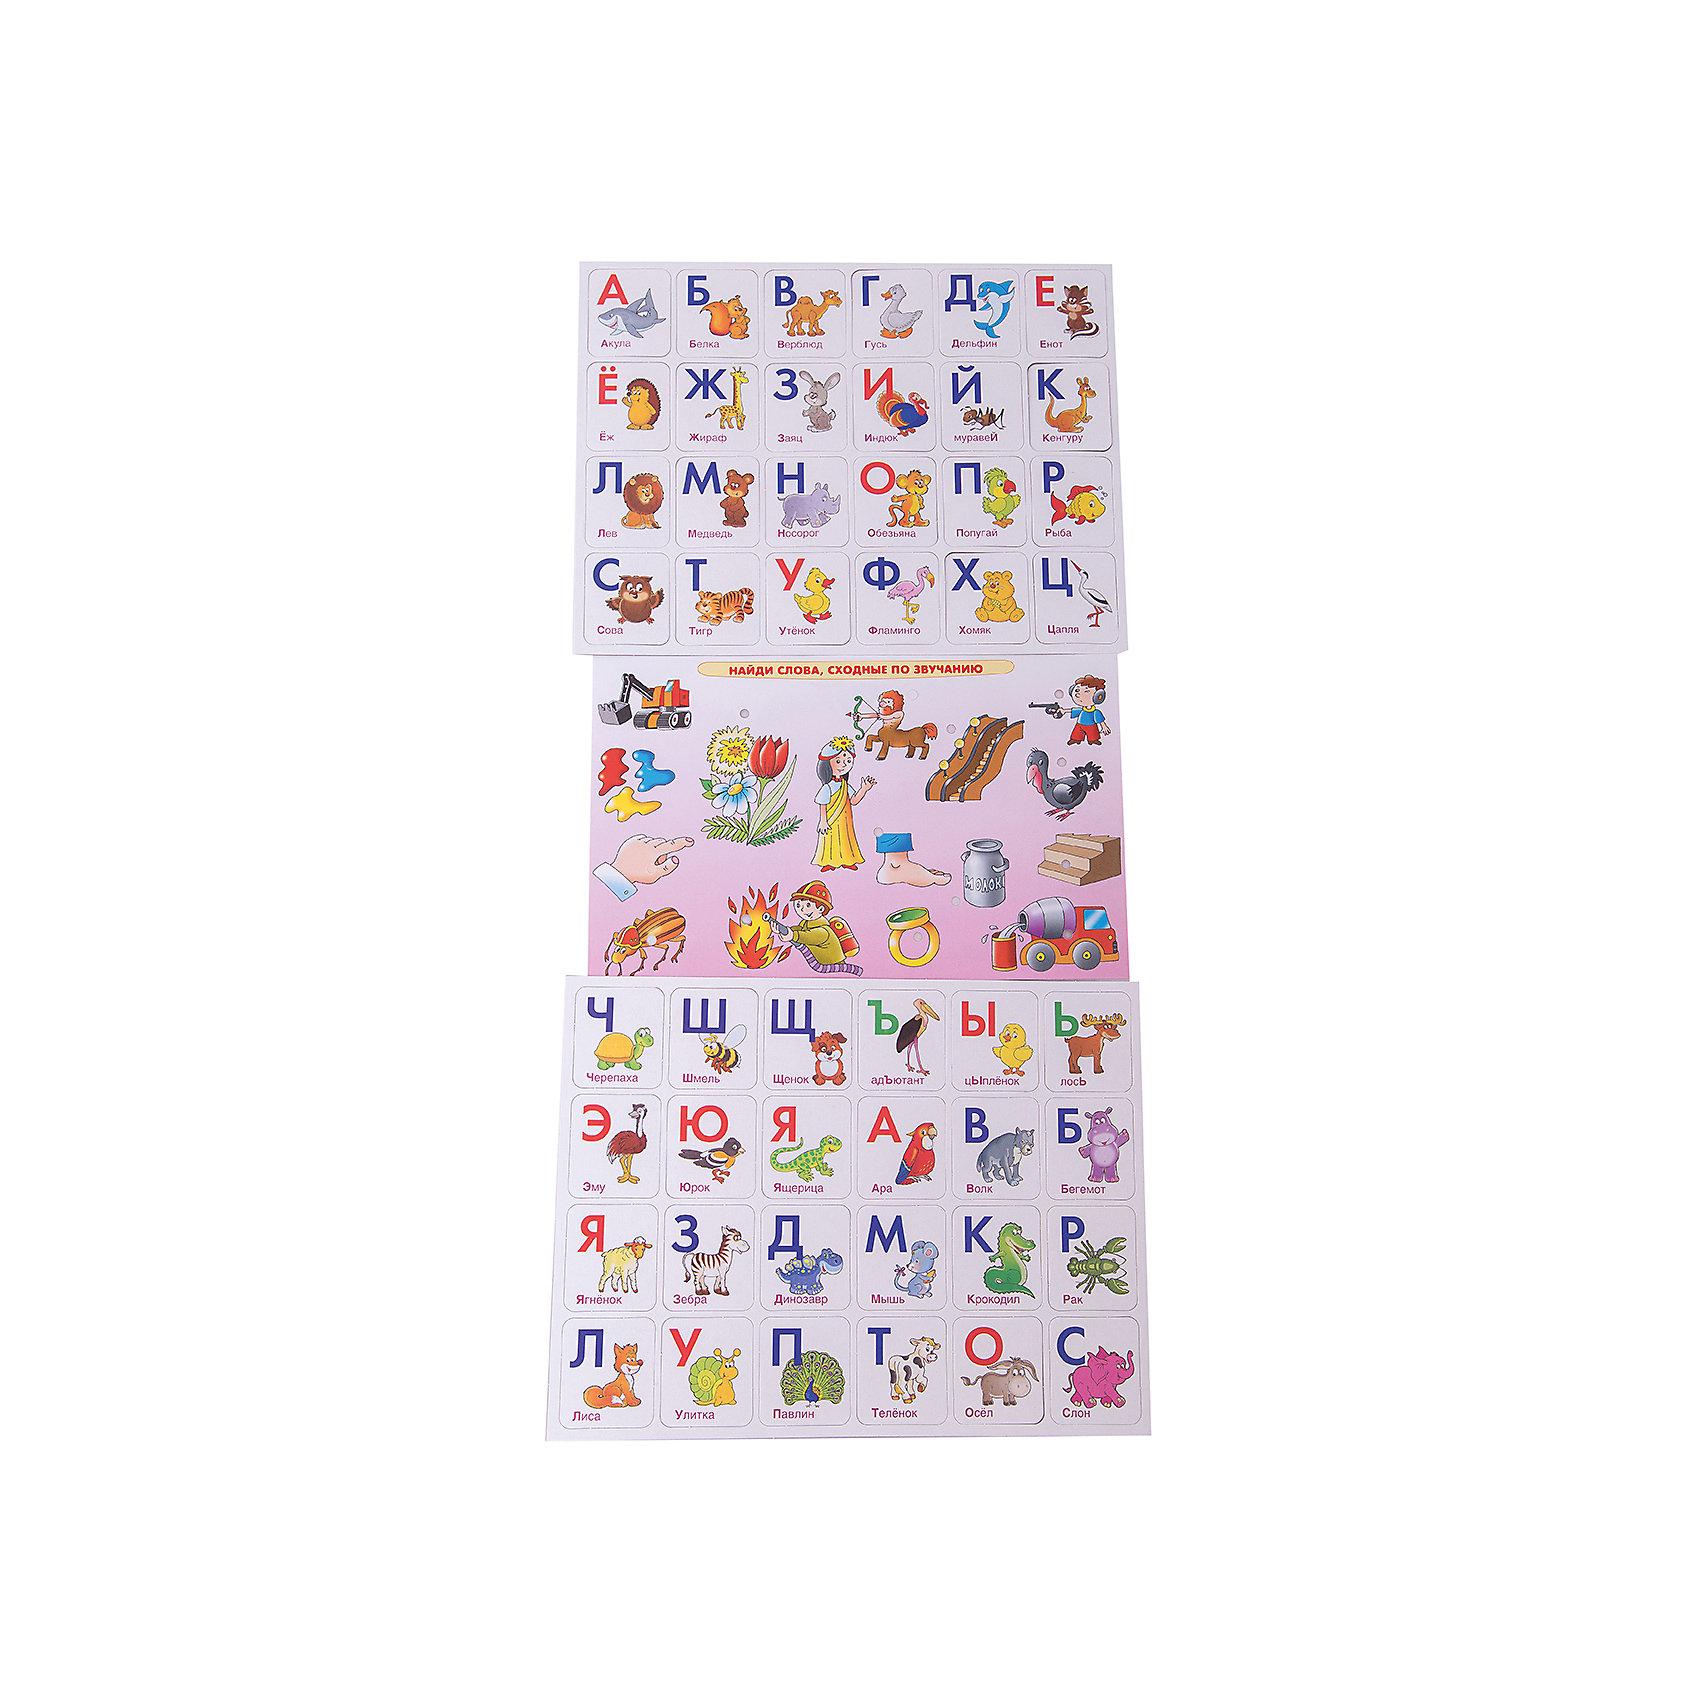 Магнитная азбука, Дрофа-МедиаХарактеристики магнитной азбуки:<br><br>- возраст: от 3 лет<br>- пол: для мальчиков и девочек<br>- комплект: 33 карточки.<br>- материал: картон, магнит.<br>- размер упаковки: 30 * 30 * 1 см.<br>- упаковка: пакет с хедером.<br>- бренд: Дрофа-Медиа<br>- страна обладатель бренда: Россия.<br><br>Набор магнитов Азбука из серии Игры на магнитах состоит из 33 карточек и на каждой есть определенная буква русского алфавита. Кроме изображения буквы, на карточке есть рисунок животного, в названии которого присутствует данный звук. Благодаря этому комплекту ребенок может выучить несколько новых слов и звуков, а также подготовиться к школьным урокам русского языка.<br><br>Магнитную азбуку издательства Дрофа-Медиа можно купить в нашем интернет-магазине.<br><br>Ширина мм: 215<br>Глубина мм: 2<br>Высота мм: 290<br>Вес г: 100<br>Возраст от месяцев: 60<br>Возраст до месяцев: 2147483647<br>Пол: Унисекс<br>Возраст: Детский<br>SKU: 5386283